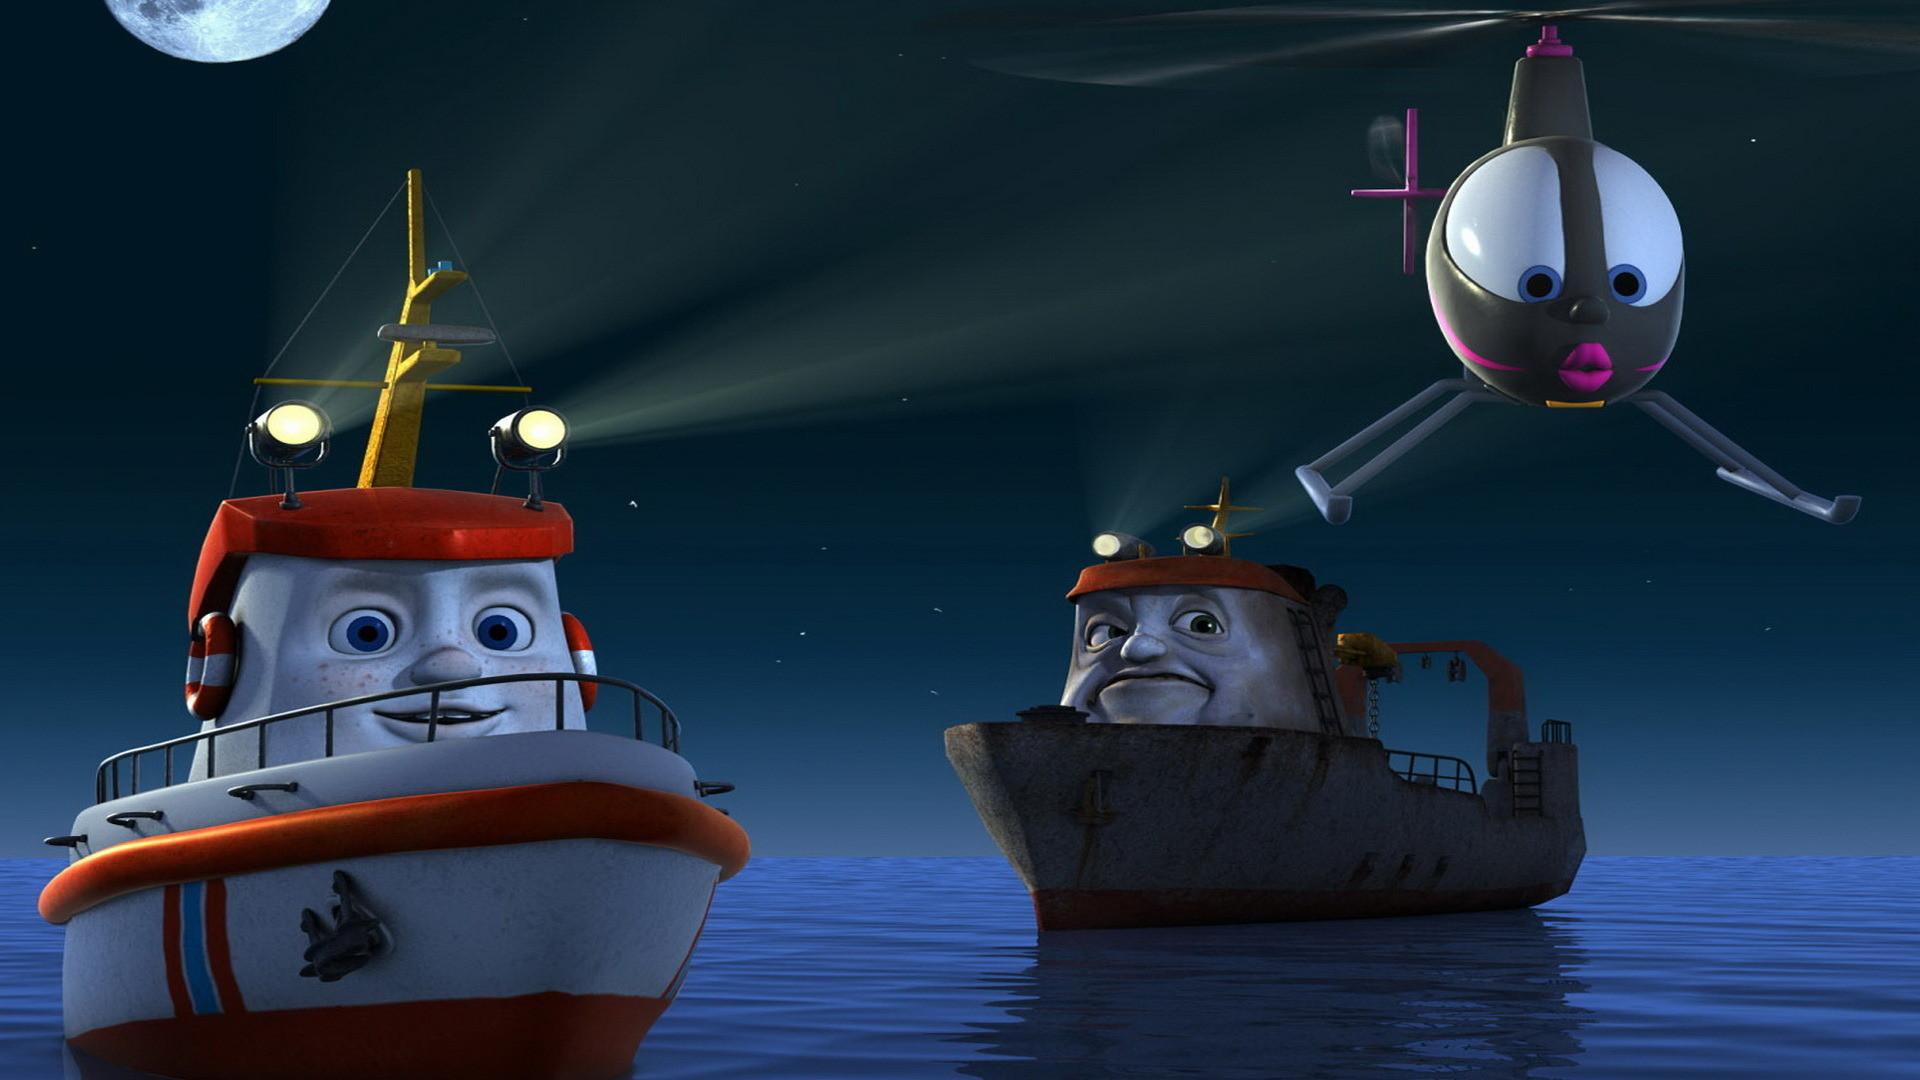 Элиас и королевская яхта смотреть фото